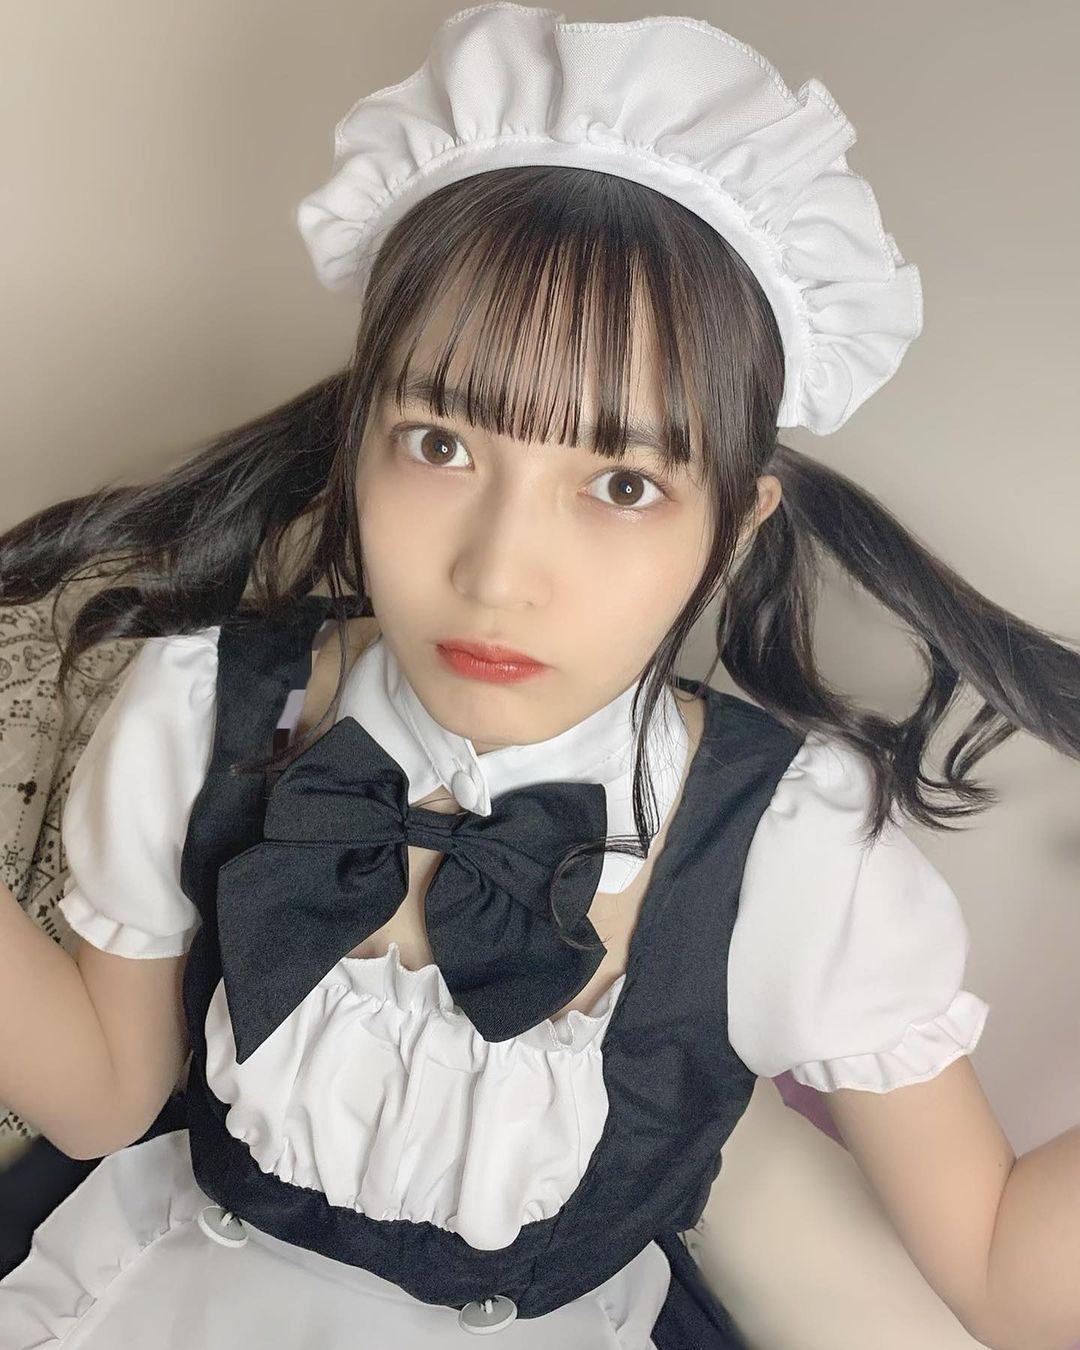 青春妹子无限18岁黑嵜菜菜子长得可爱 网络美女 第11张